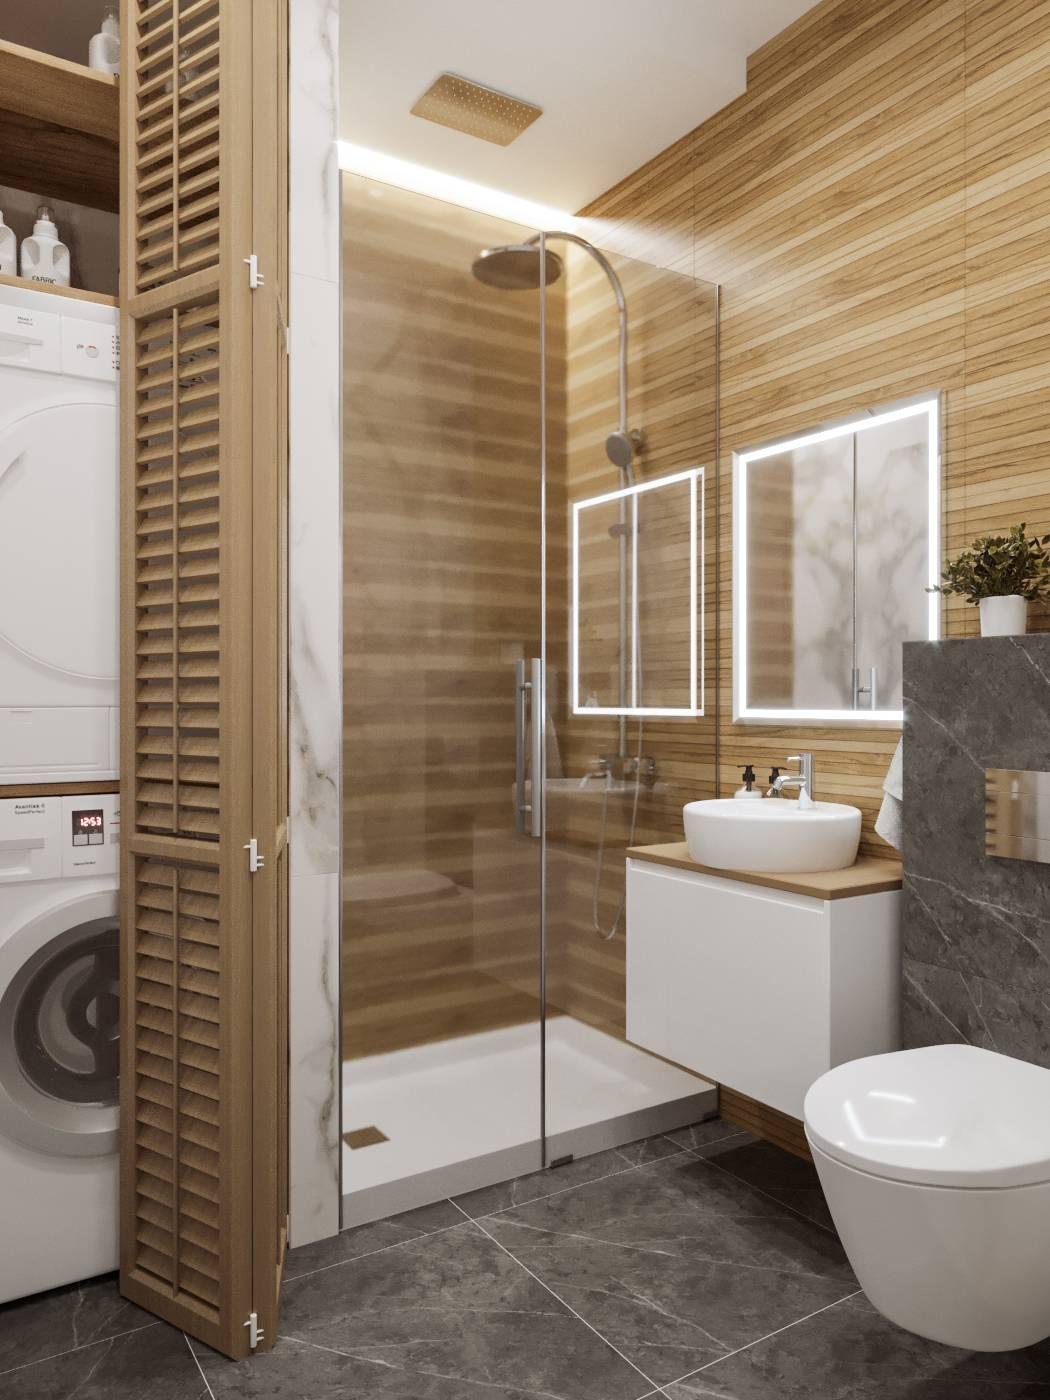 Разновидности и преимущества совмещенной ванны с душевой кабиной